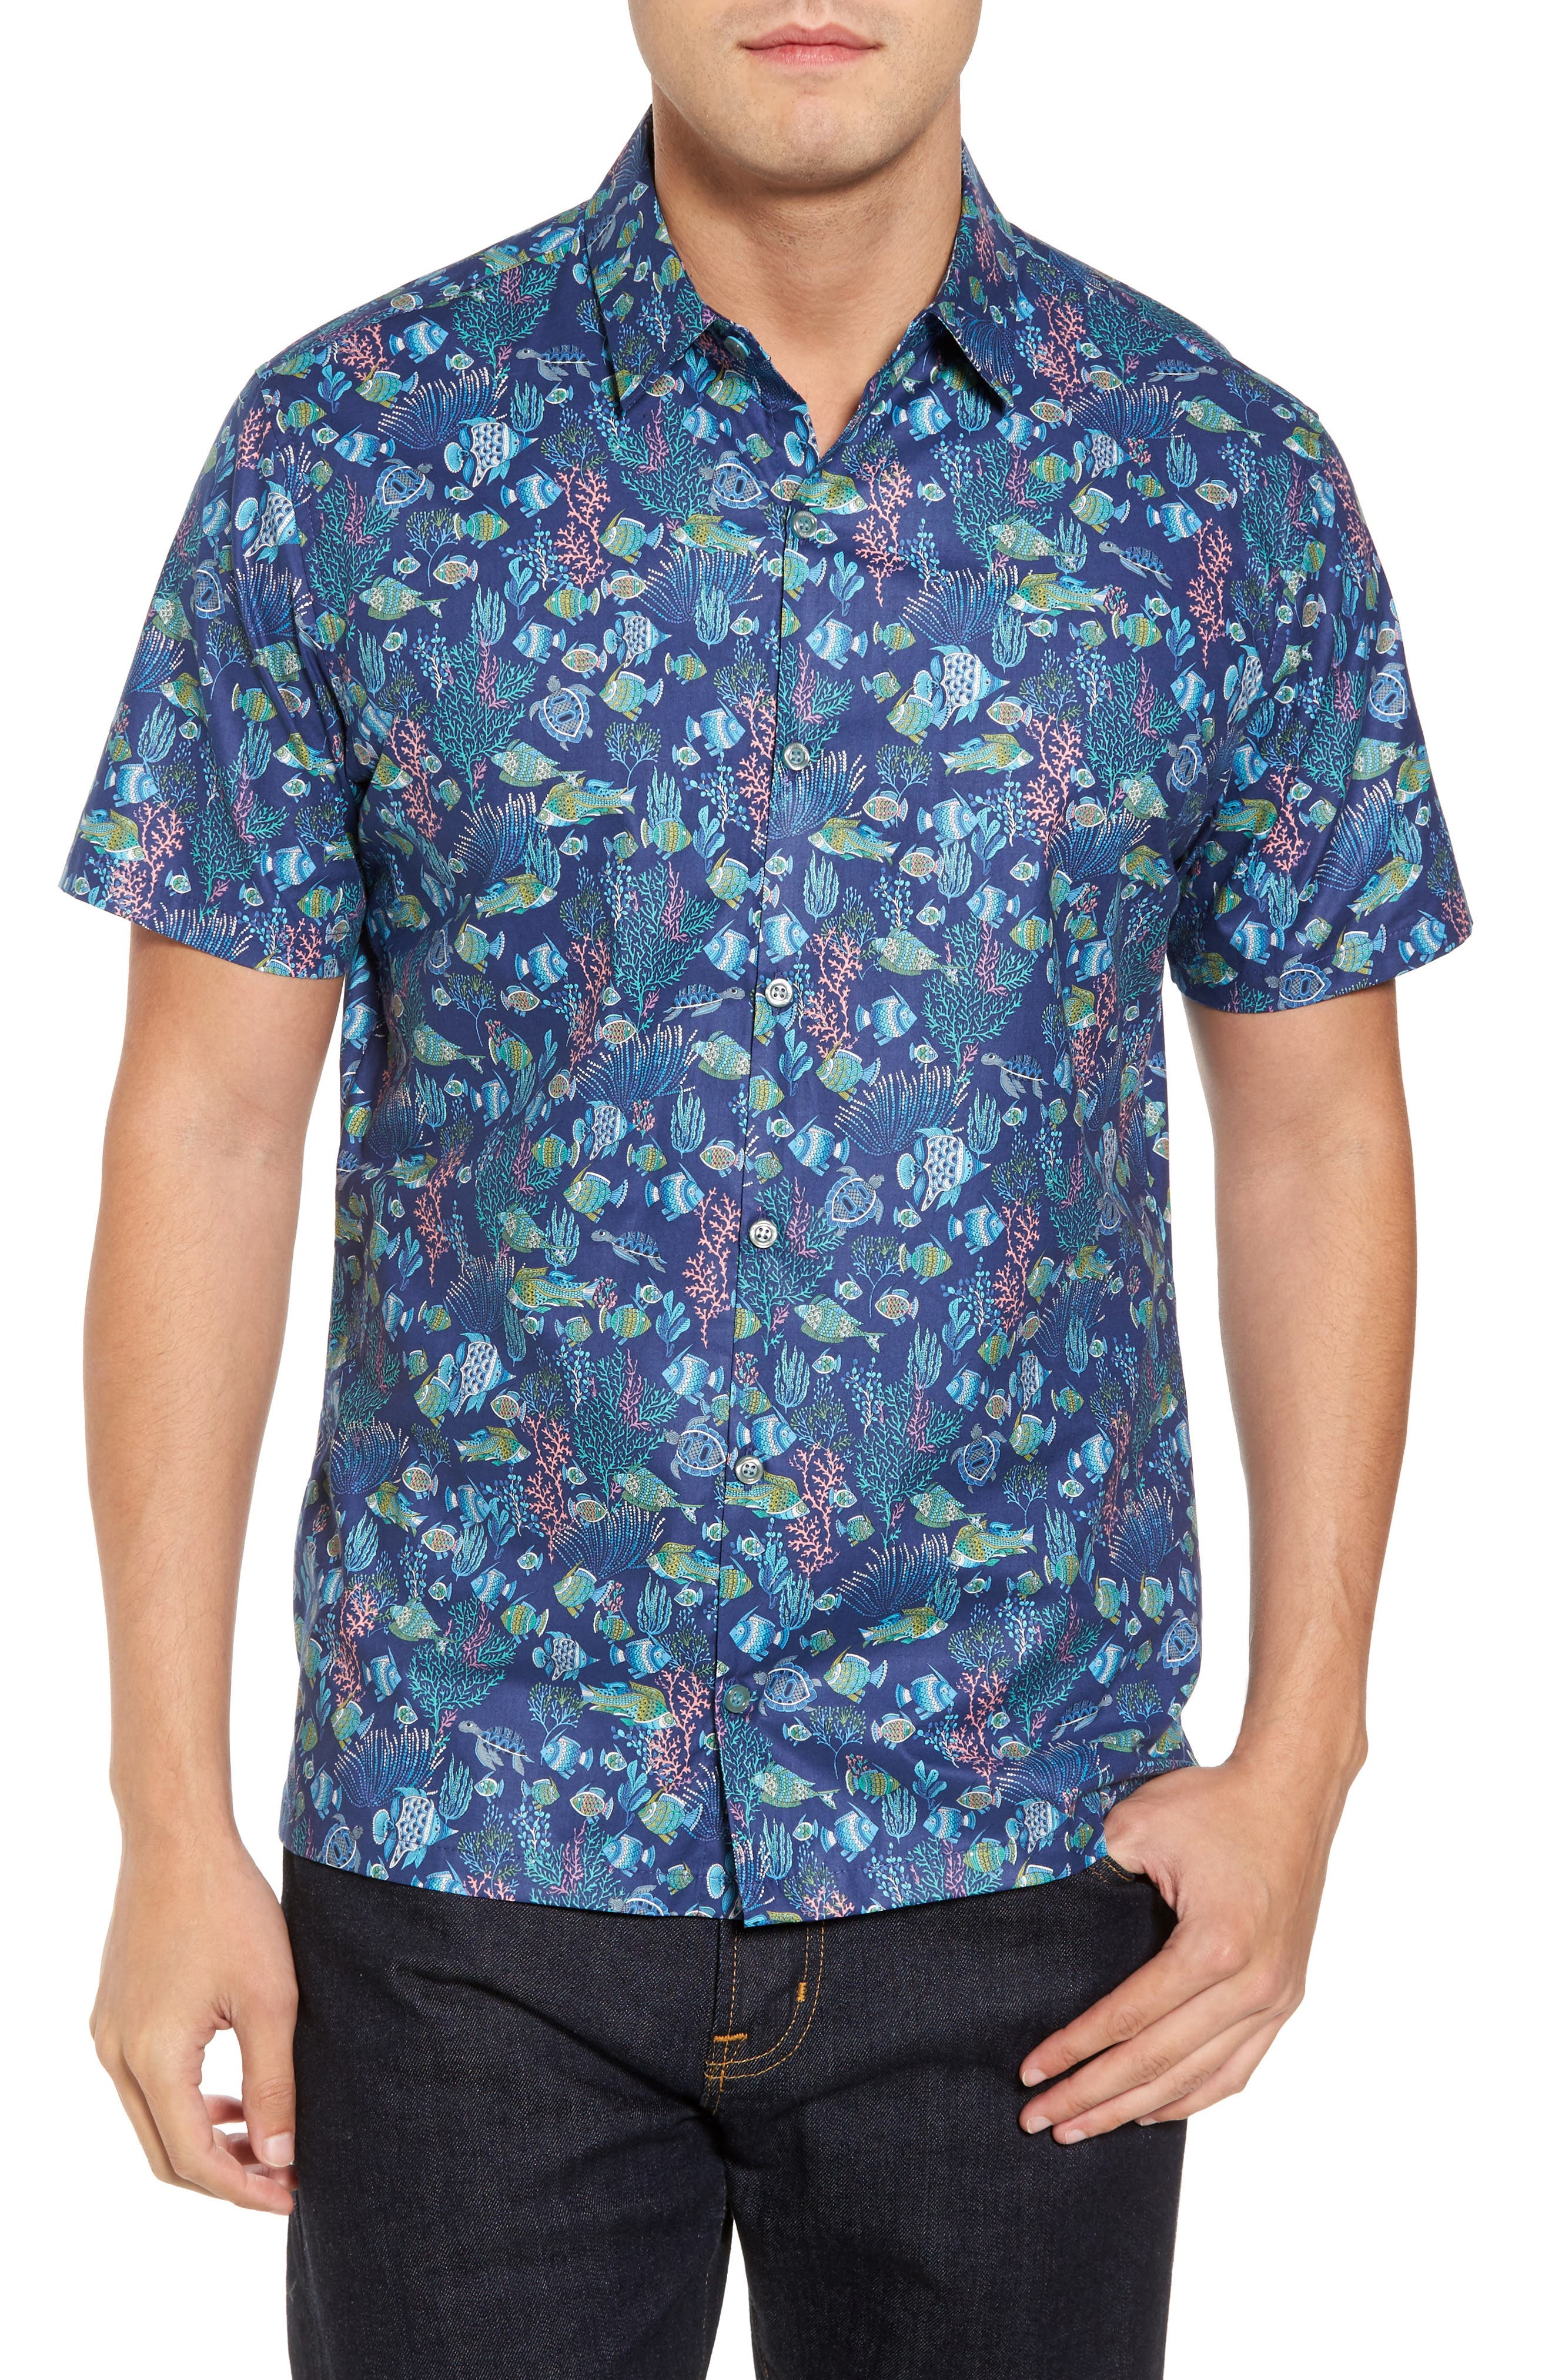 Alternate Image 1 Selected - Tori Richard Aquaculture Slim Fit Camp Shirt